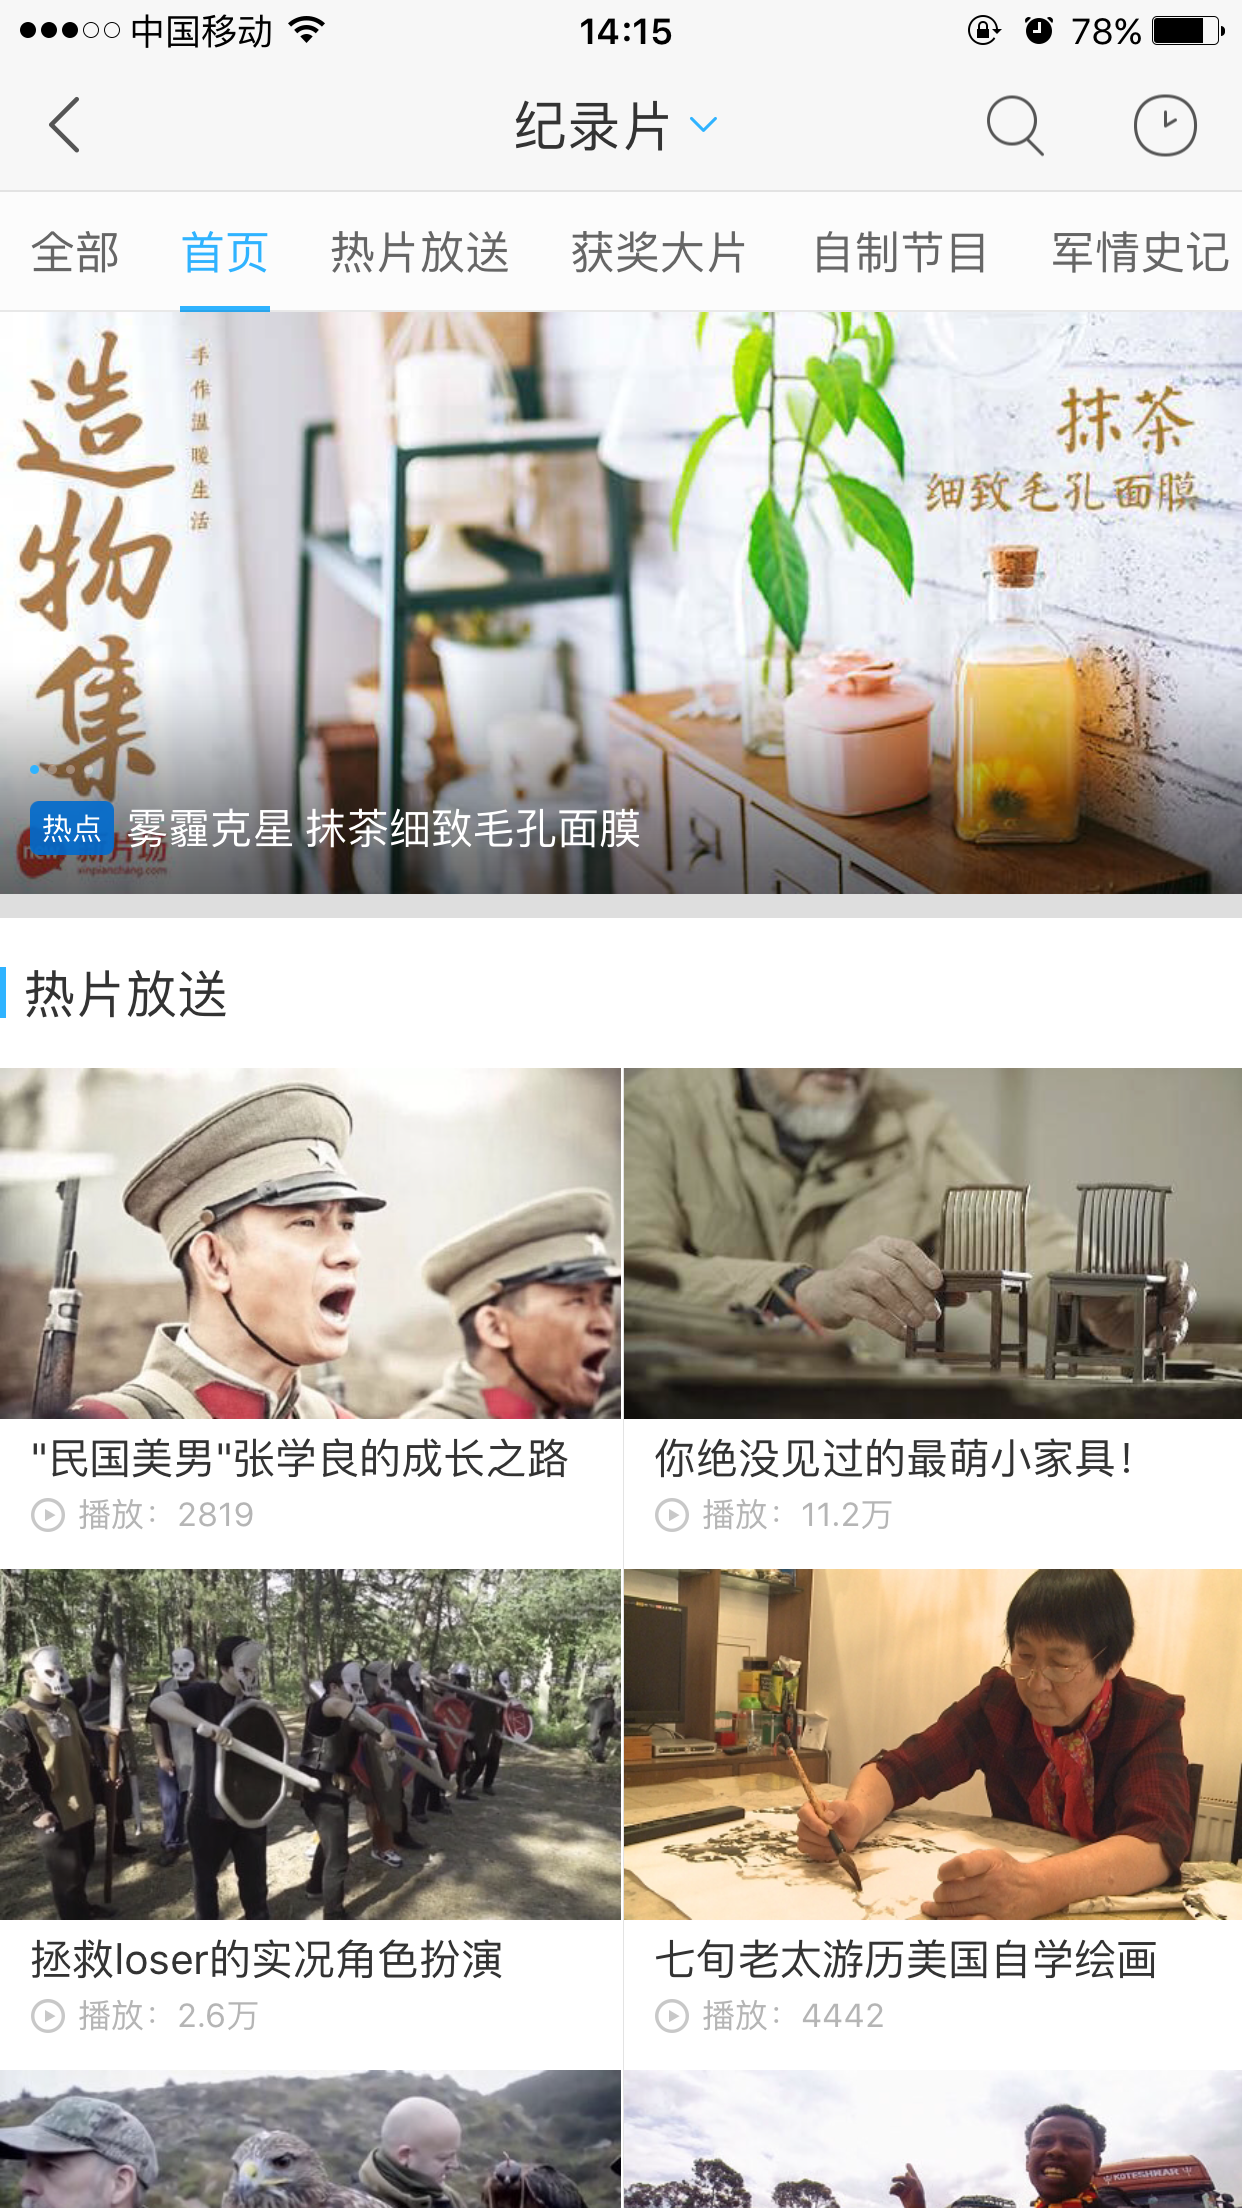 优酷app纪录片频道焦点图